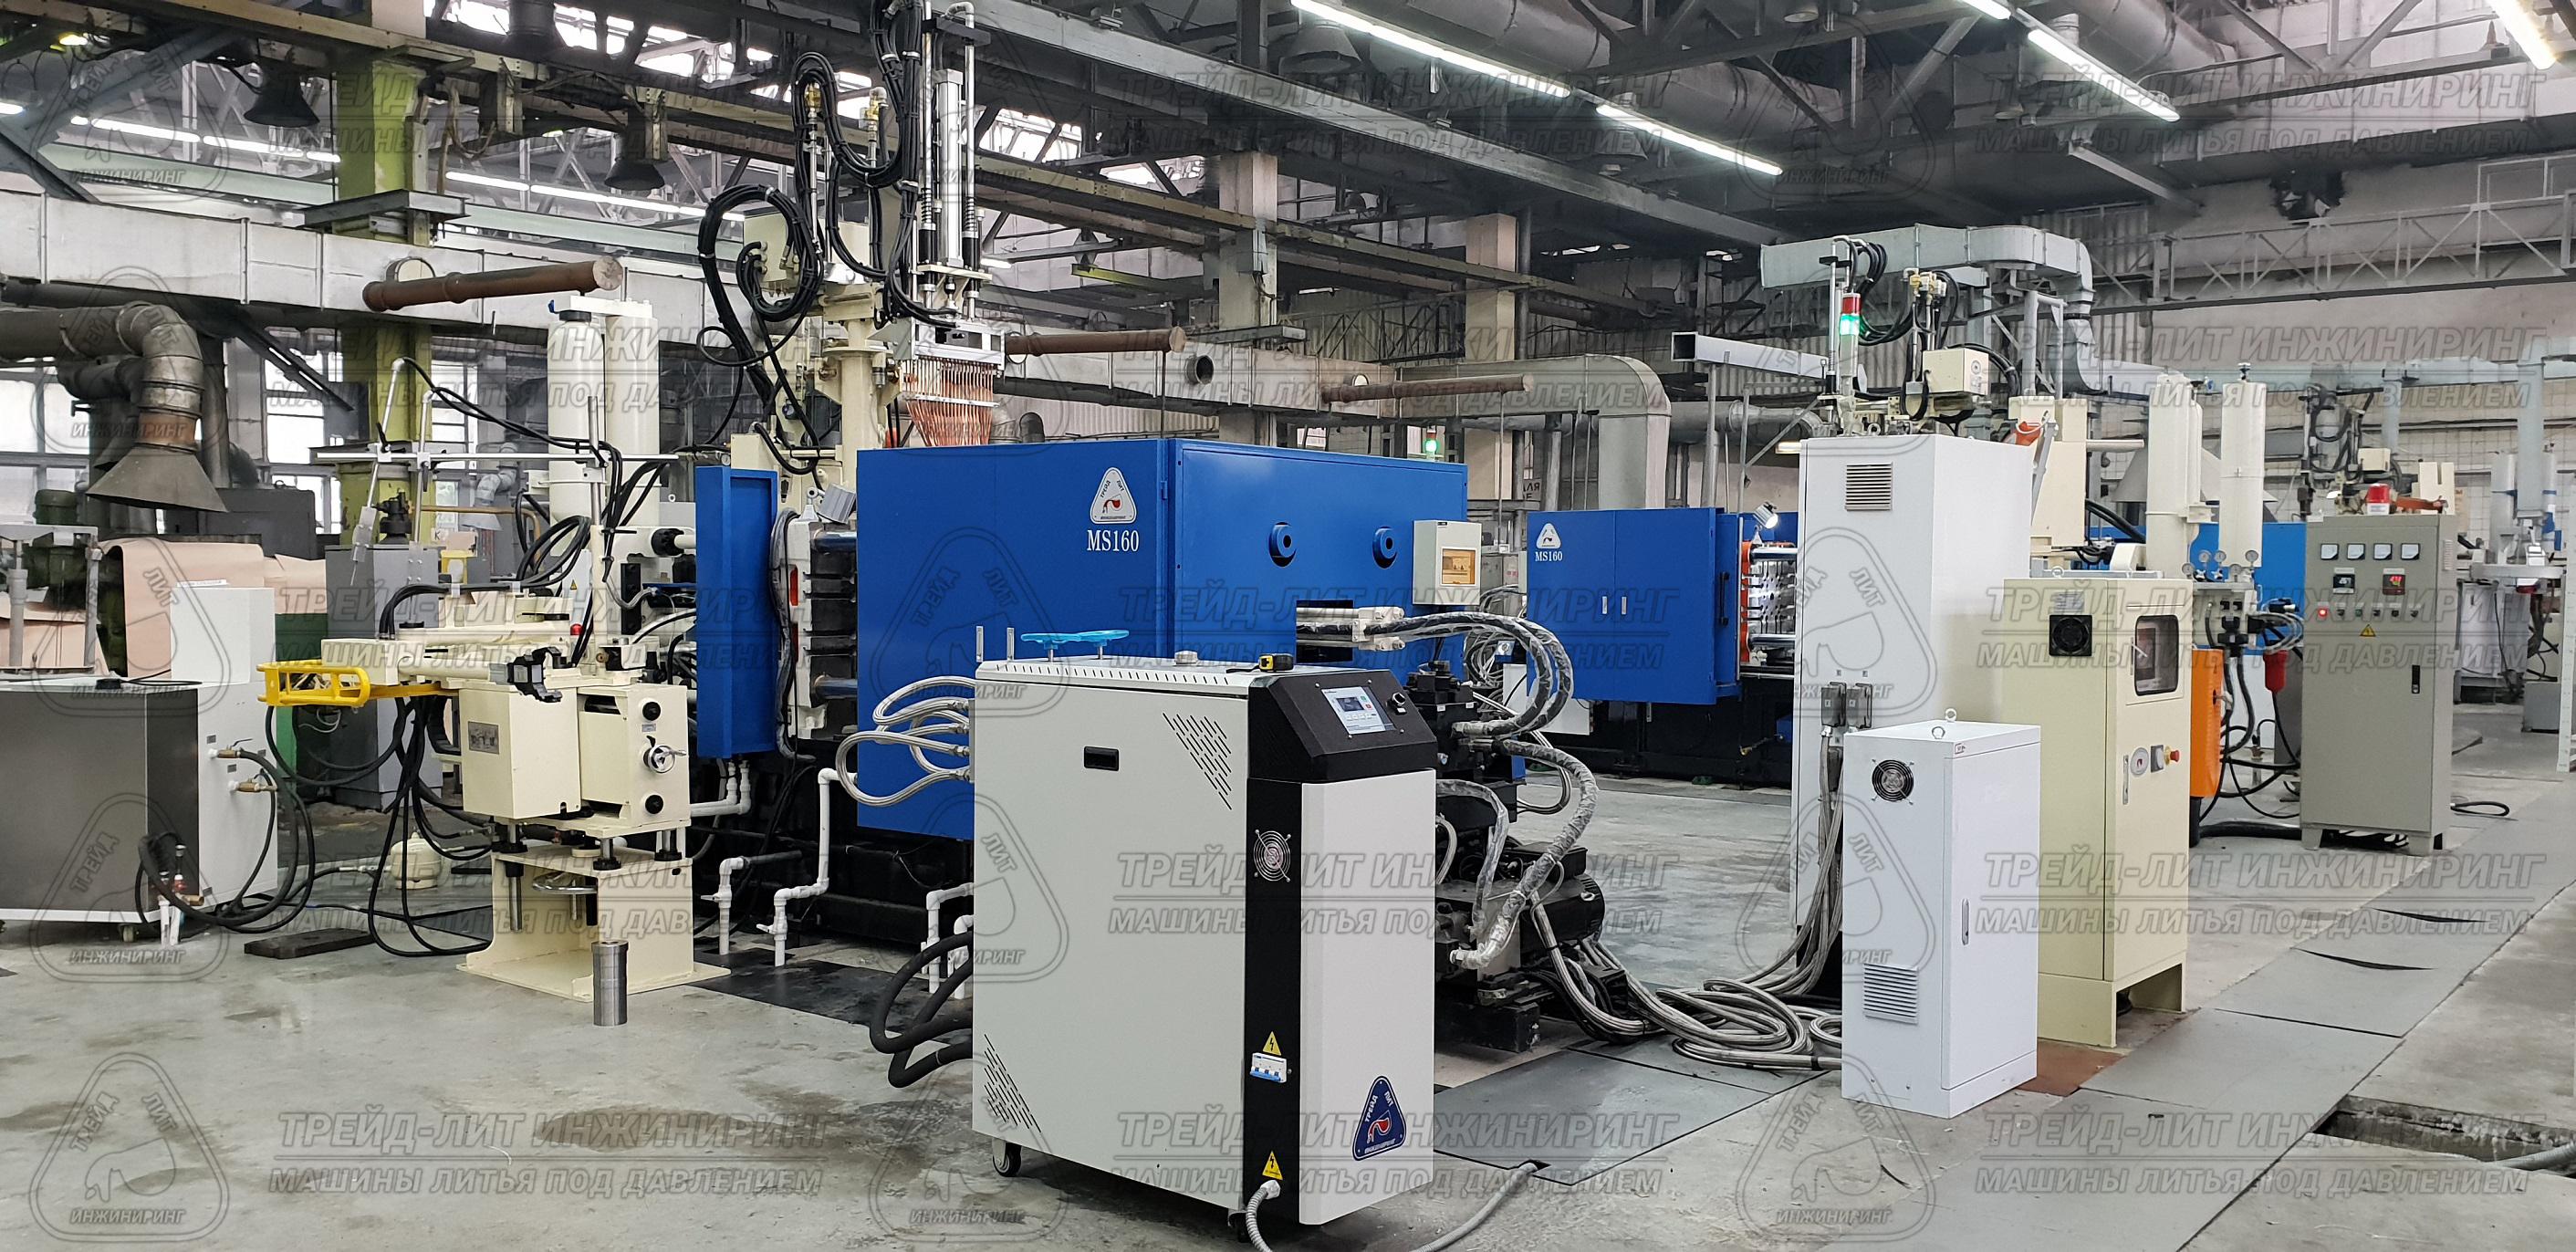 Двухконтурный масляный термостат Трейд-Лит Инжиниринг, работающий в составе автоматизированного комплекса литья под давлением MS160, на базе машины с усилием запирания 160 тонн